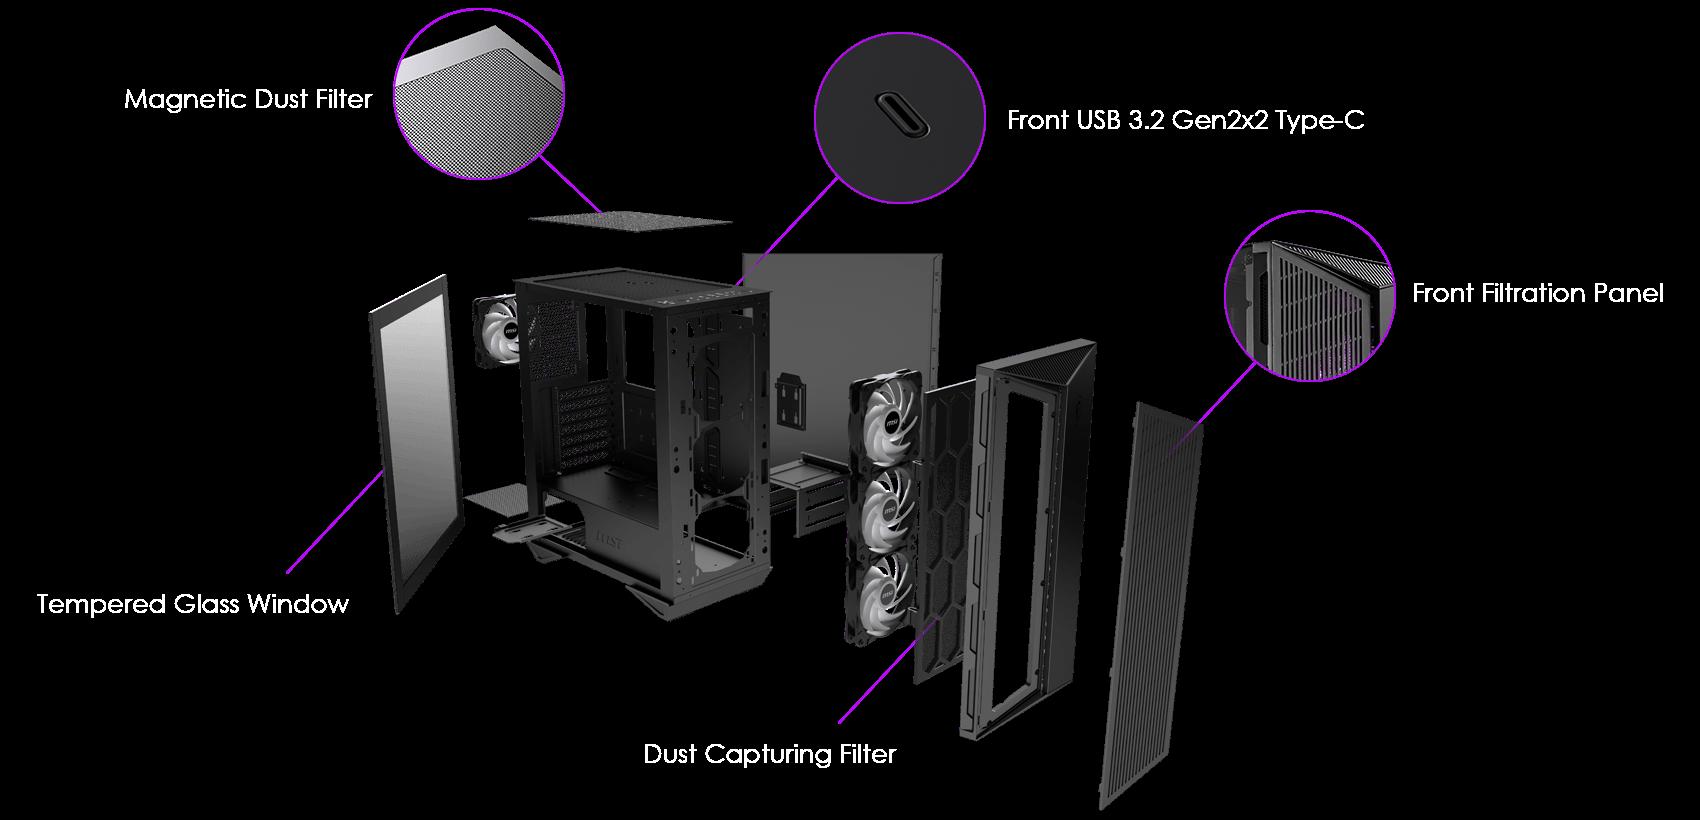 msi pc case hardware capabilities